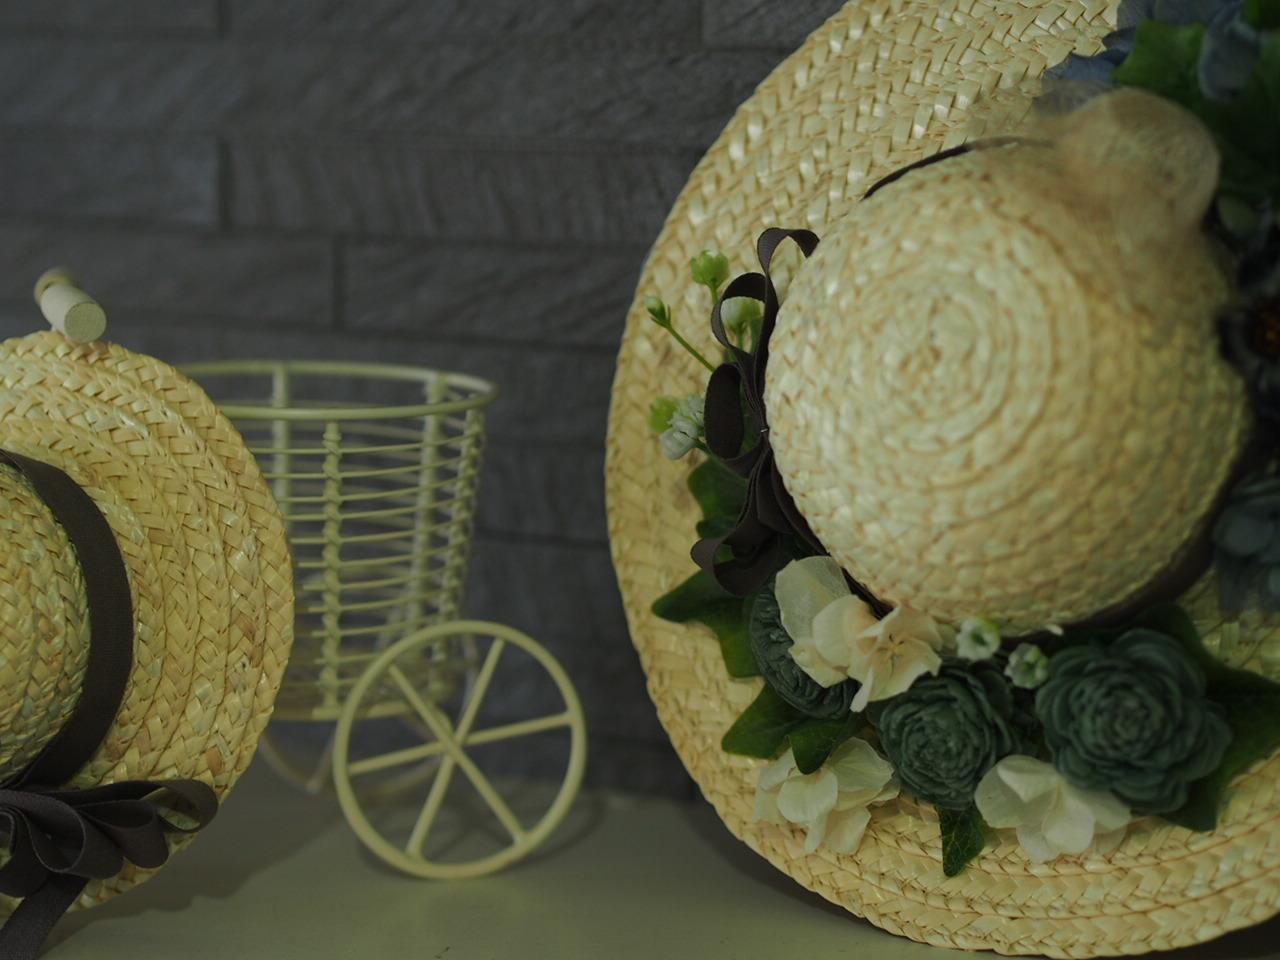 麦わら帽子ファイナルでした!ありがとうございます。_d0144095_13172409.jpg